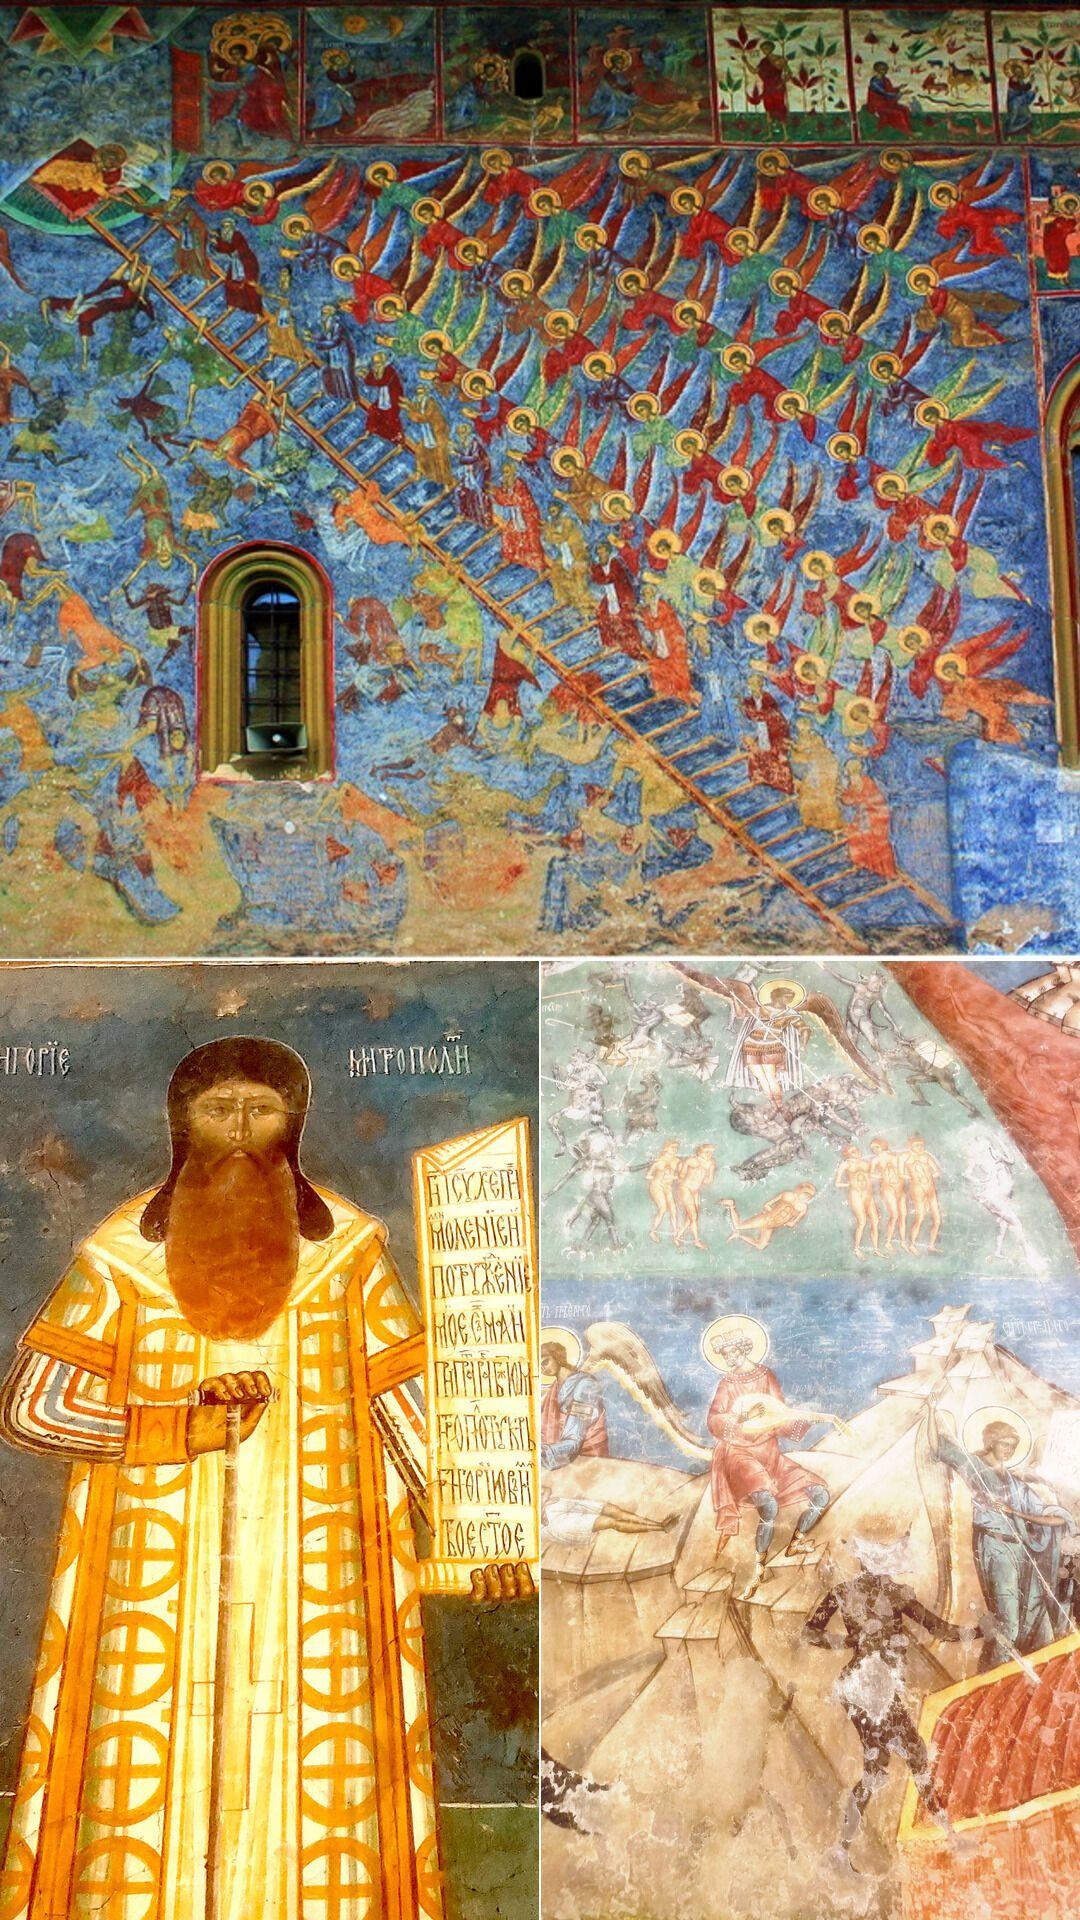 """Фрагменти унікальних фресок. """"Сходи праведників"""" з Сучевиці, а під ними – елементи зовнішнього оздоблення церкви у Воронці."""